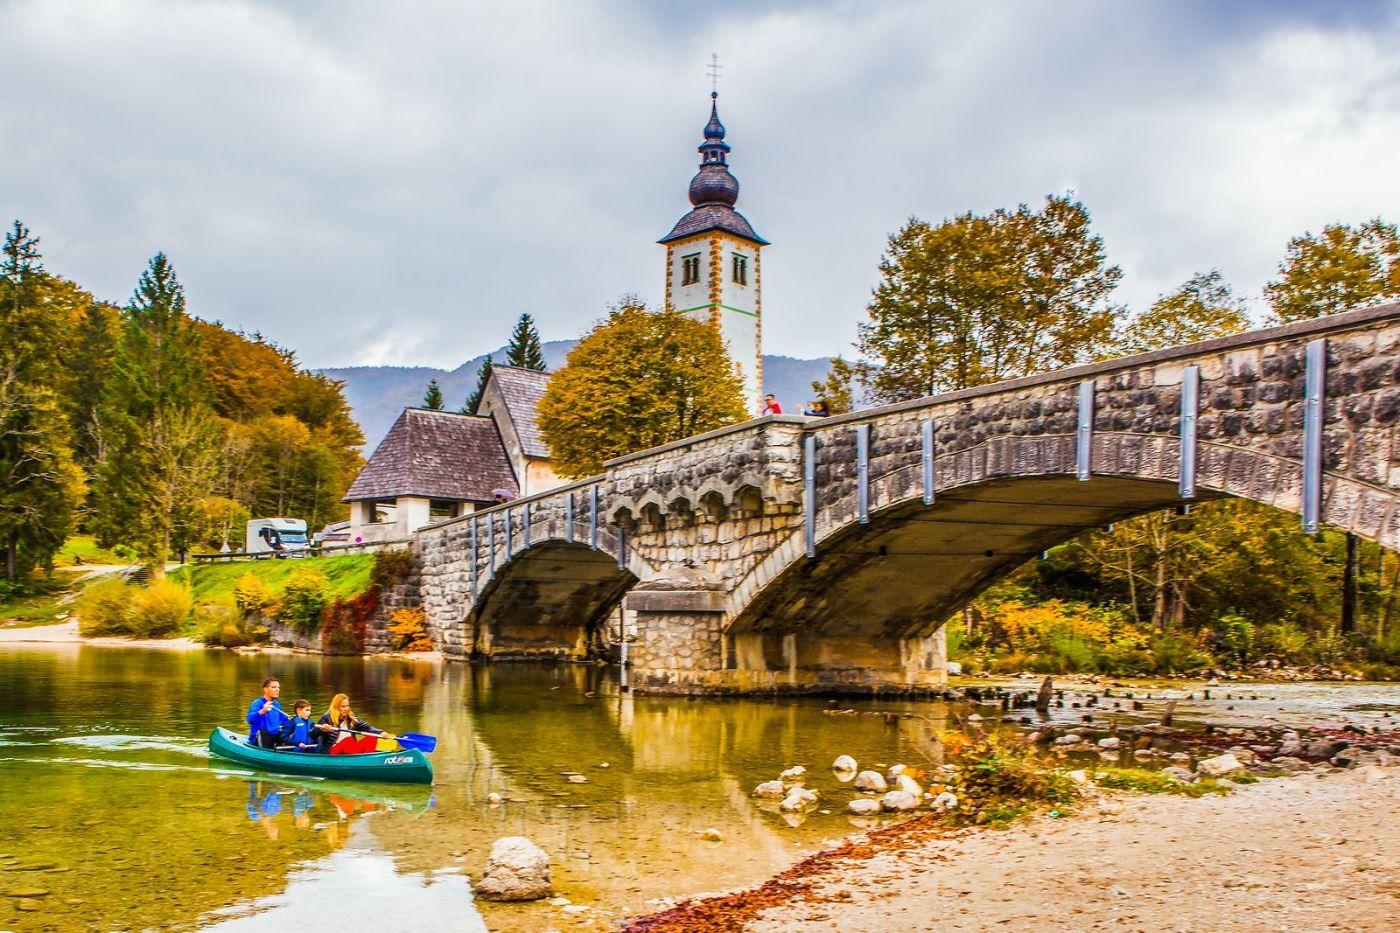 斯洛文尼亚博希尼湖(Lake Bohinj),湖边的桥和教堂_图1-4